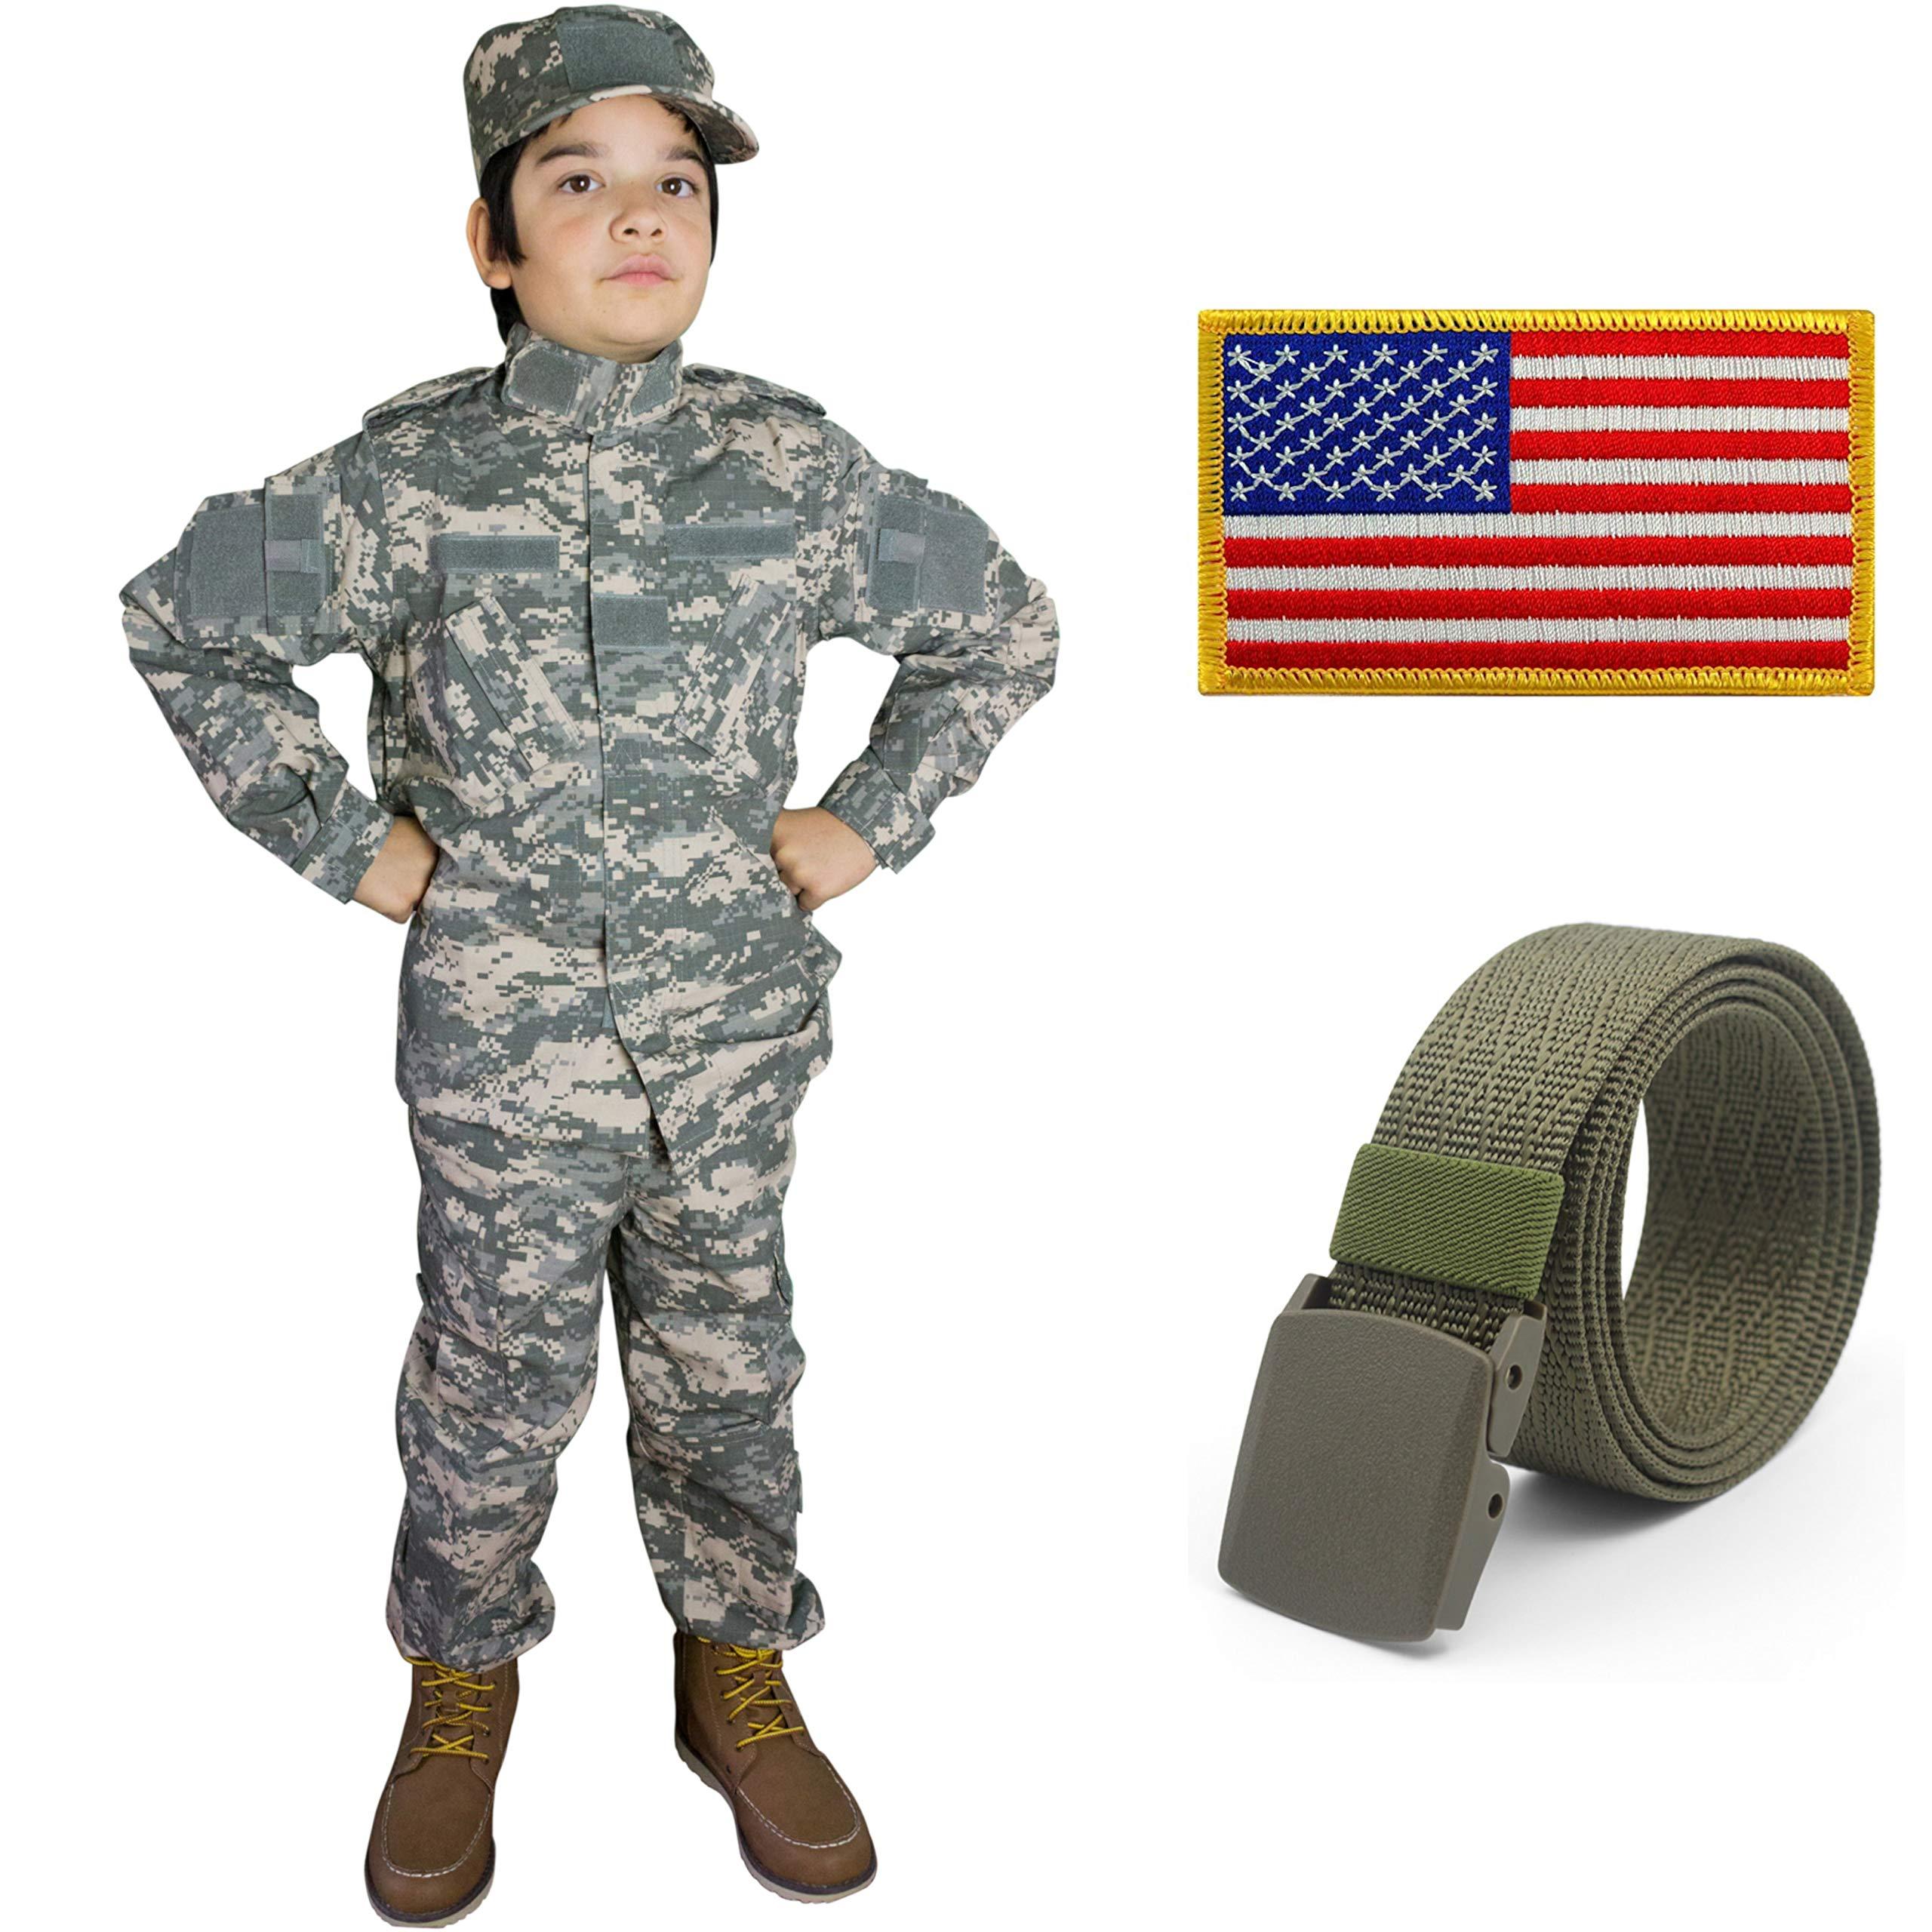 Kids Military Costume Army Uniform Camo Tactical Suit - Cap, Shirt, Pants, Belt, Patch Set - Boys (7-8, ACU)